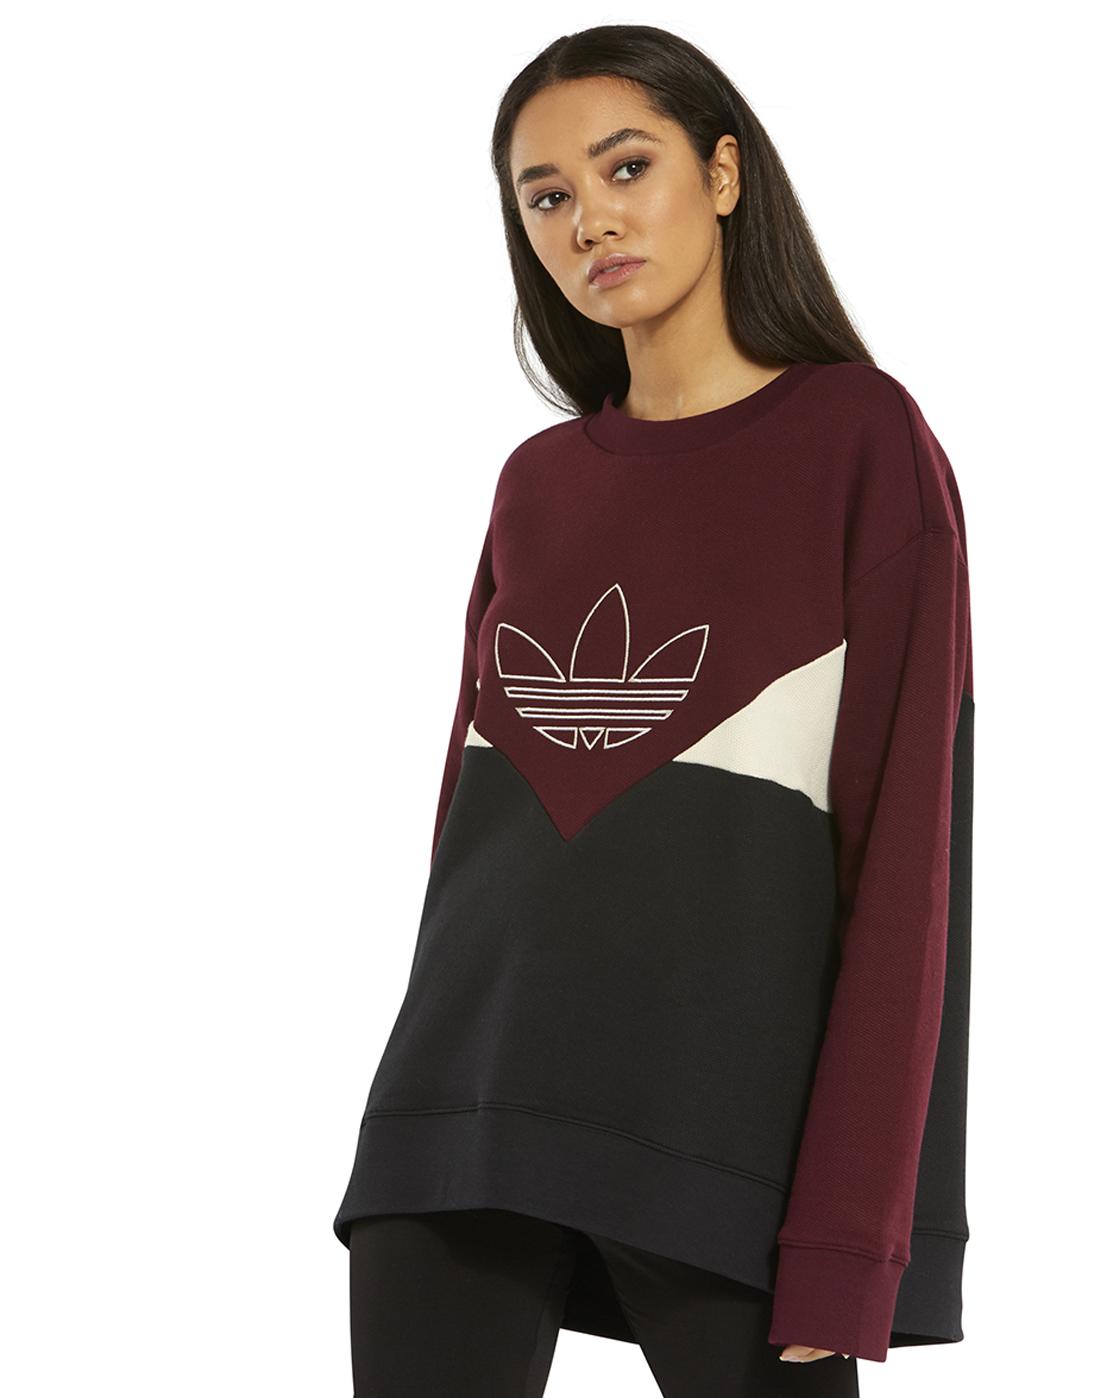 0e60ec307633 Women s Red adidas Originals CLRDO Sweatshirt